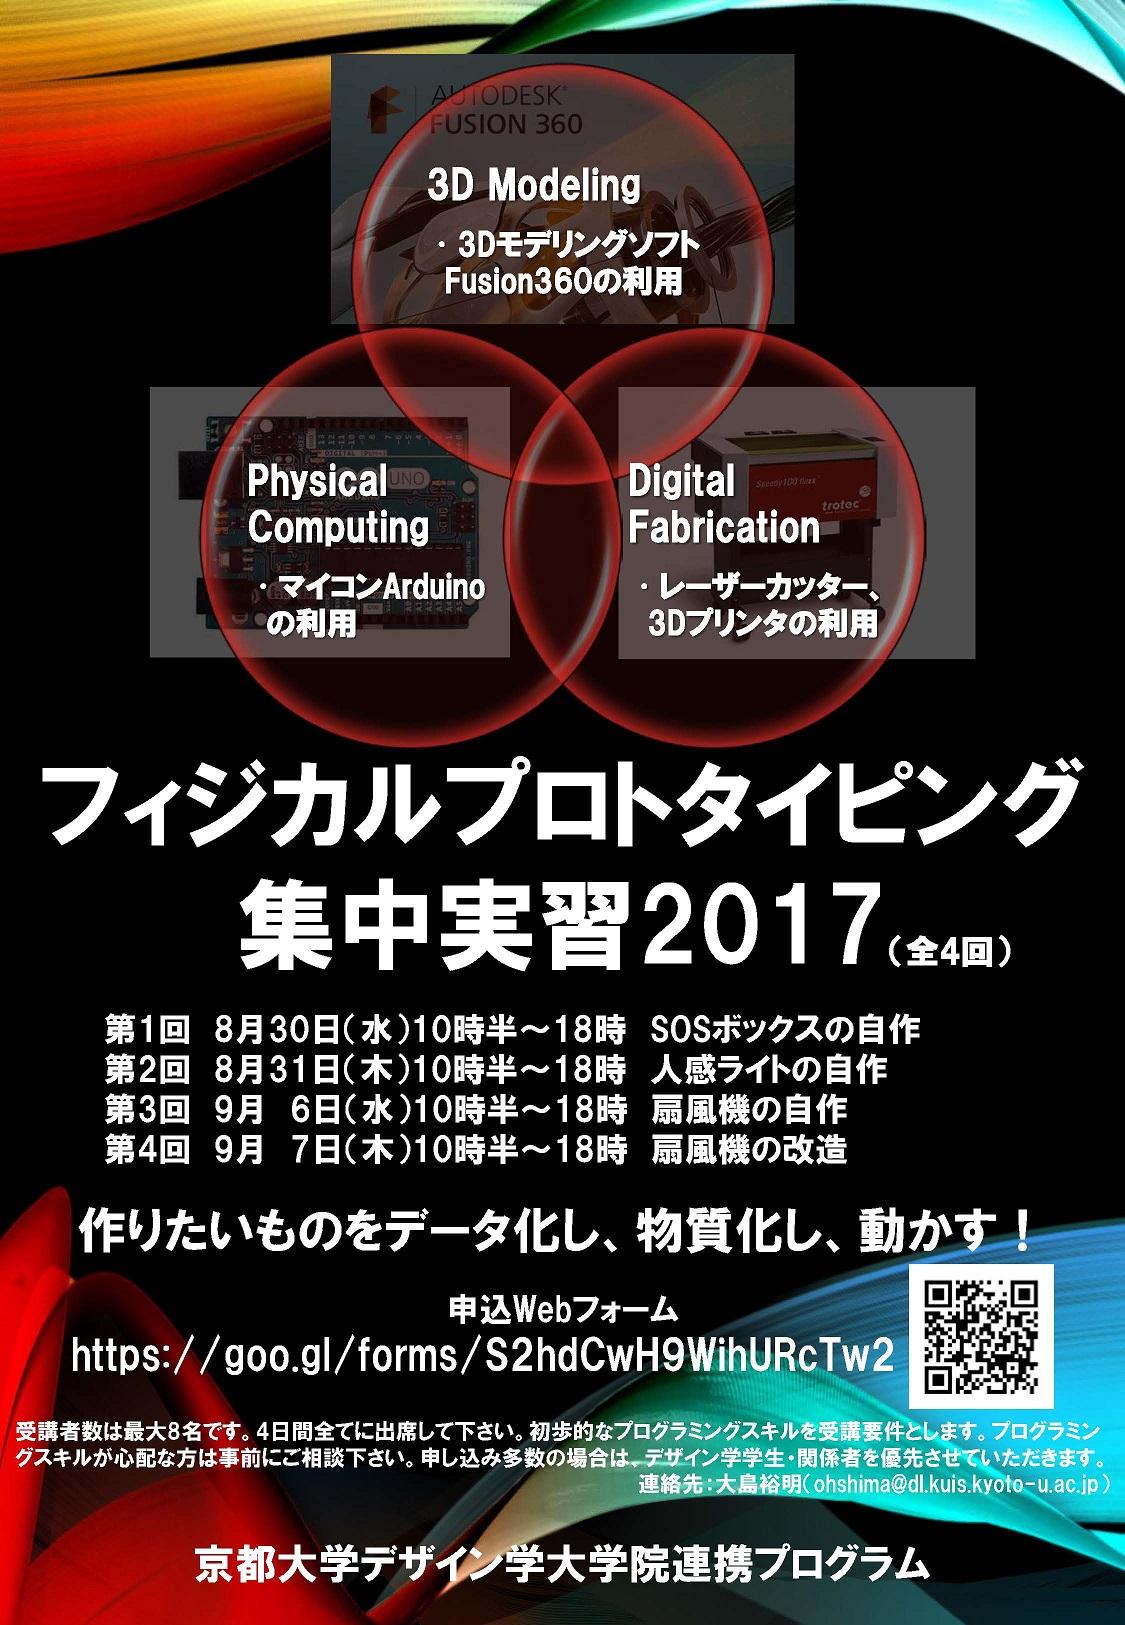 sds2017_poster